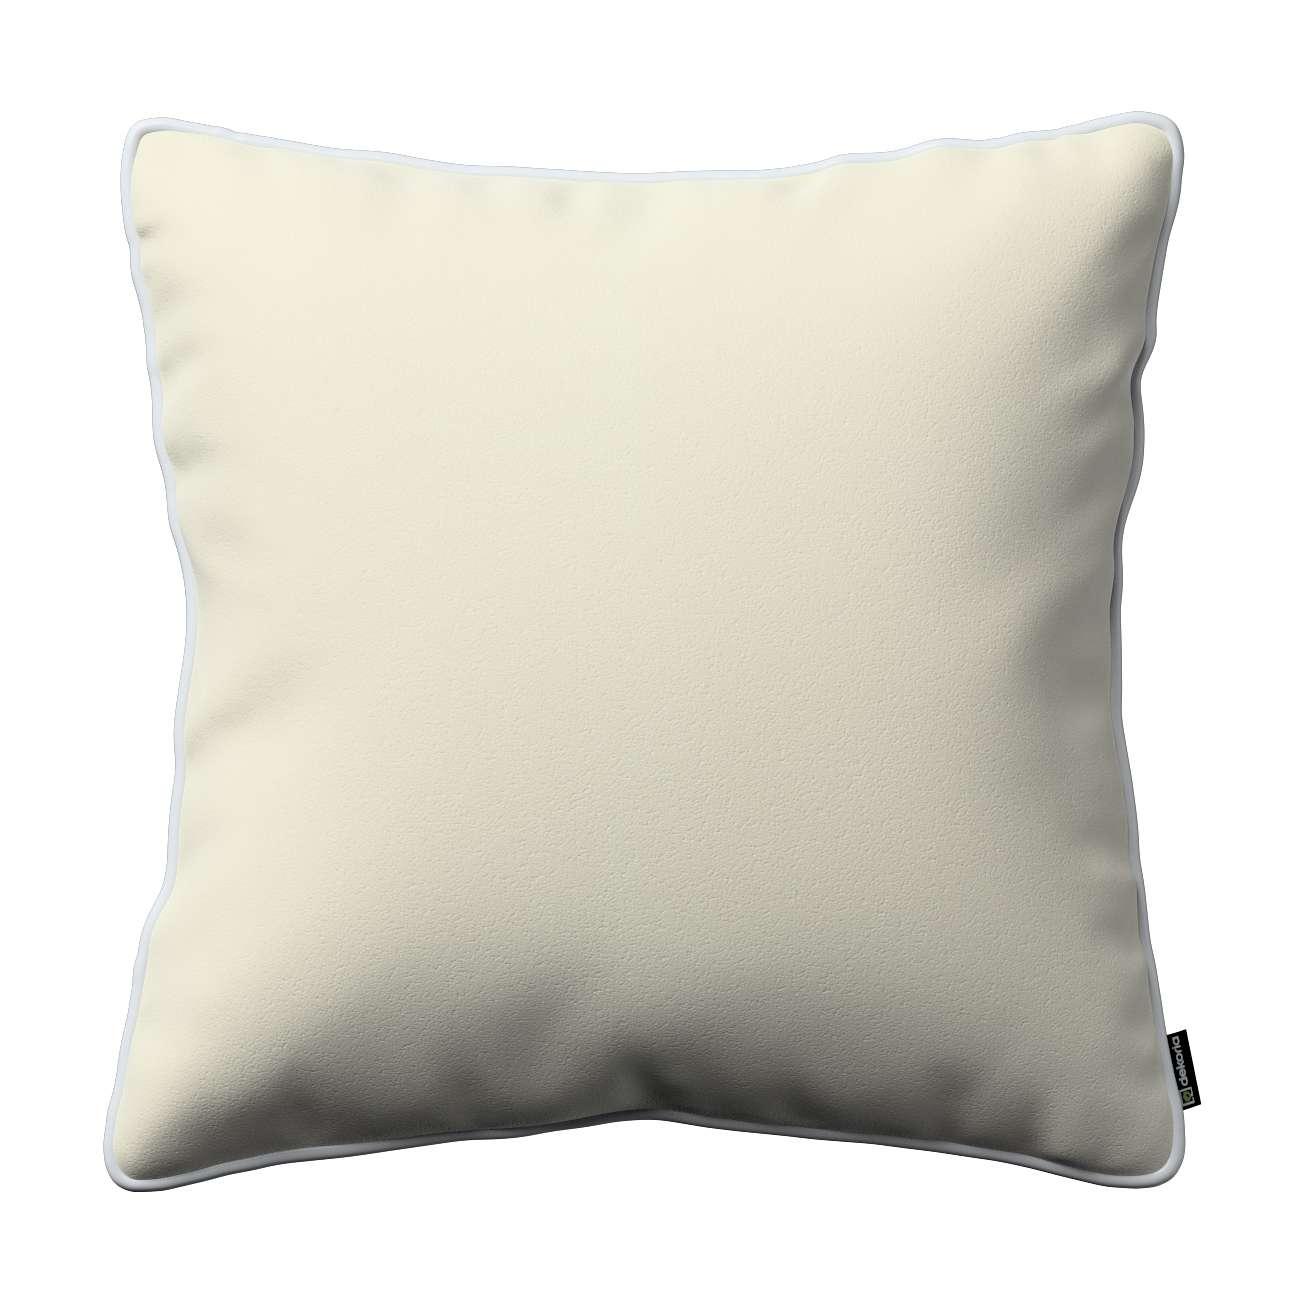 Poszewka Laura na poduszkę w kolekcji Velvet, tkanina: 704-10